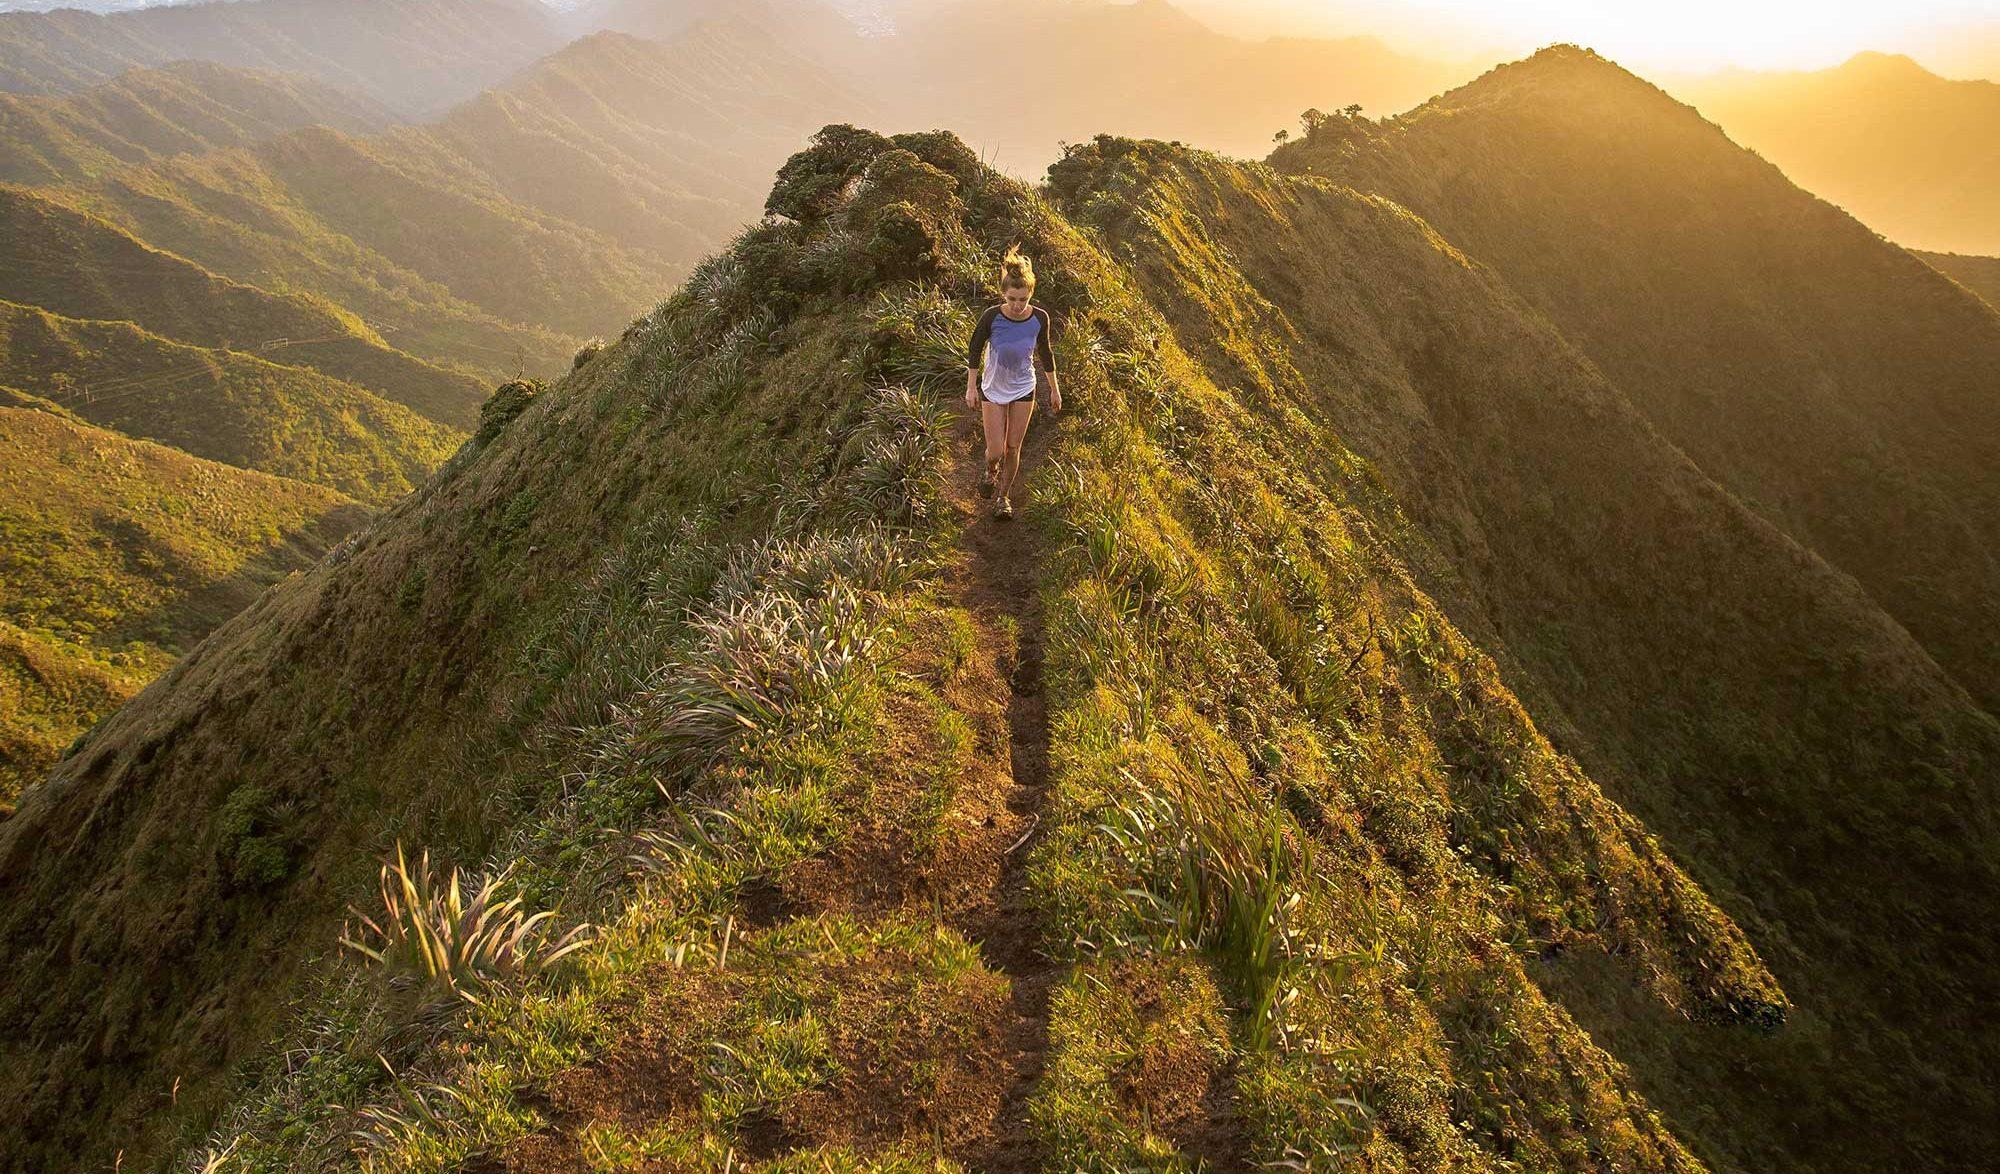 Randonner : 7 exercices pour se préparer à tous les sentiers